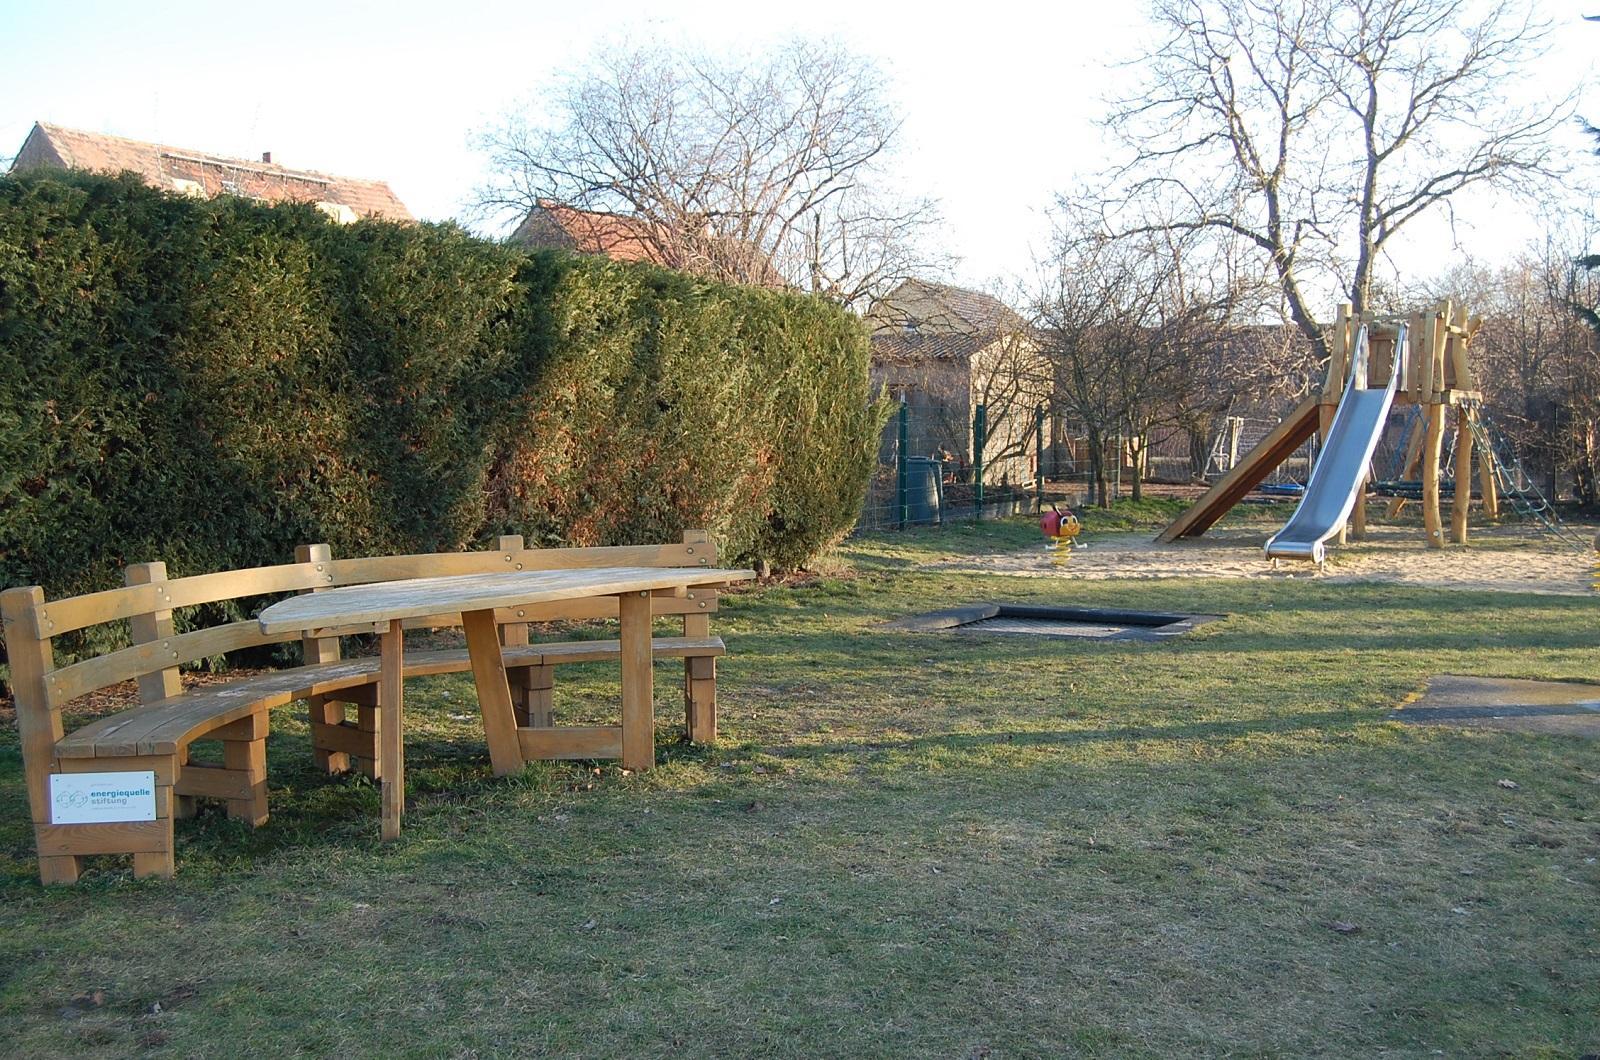 Spielplatz Feldheim 2 (Foto: Petra Richter)